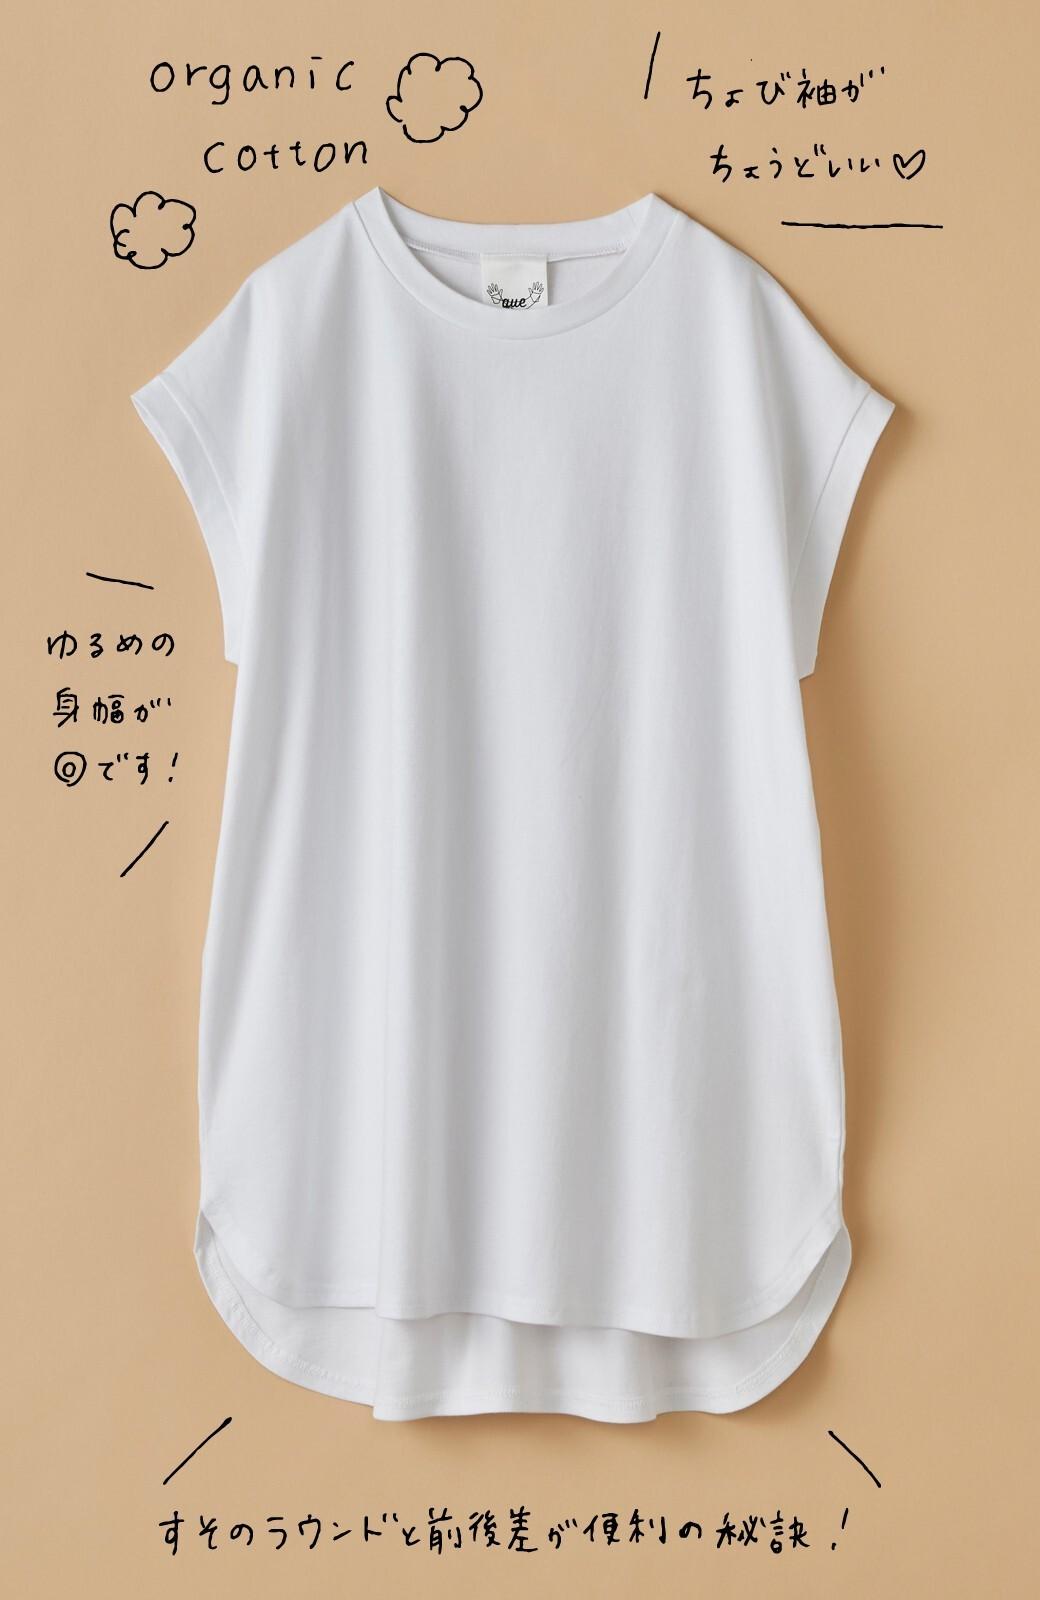 haco! 大人のTシャツこれならいける?!ちょい袖でかっこよく見せるTシャツ by que made me + PBP <ホワイト>の商品写真2